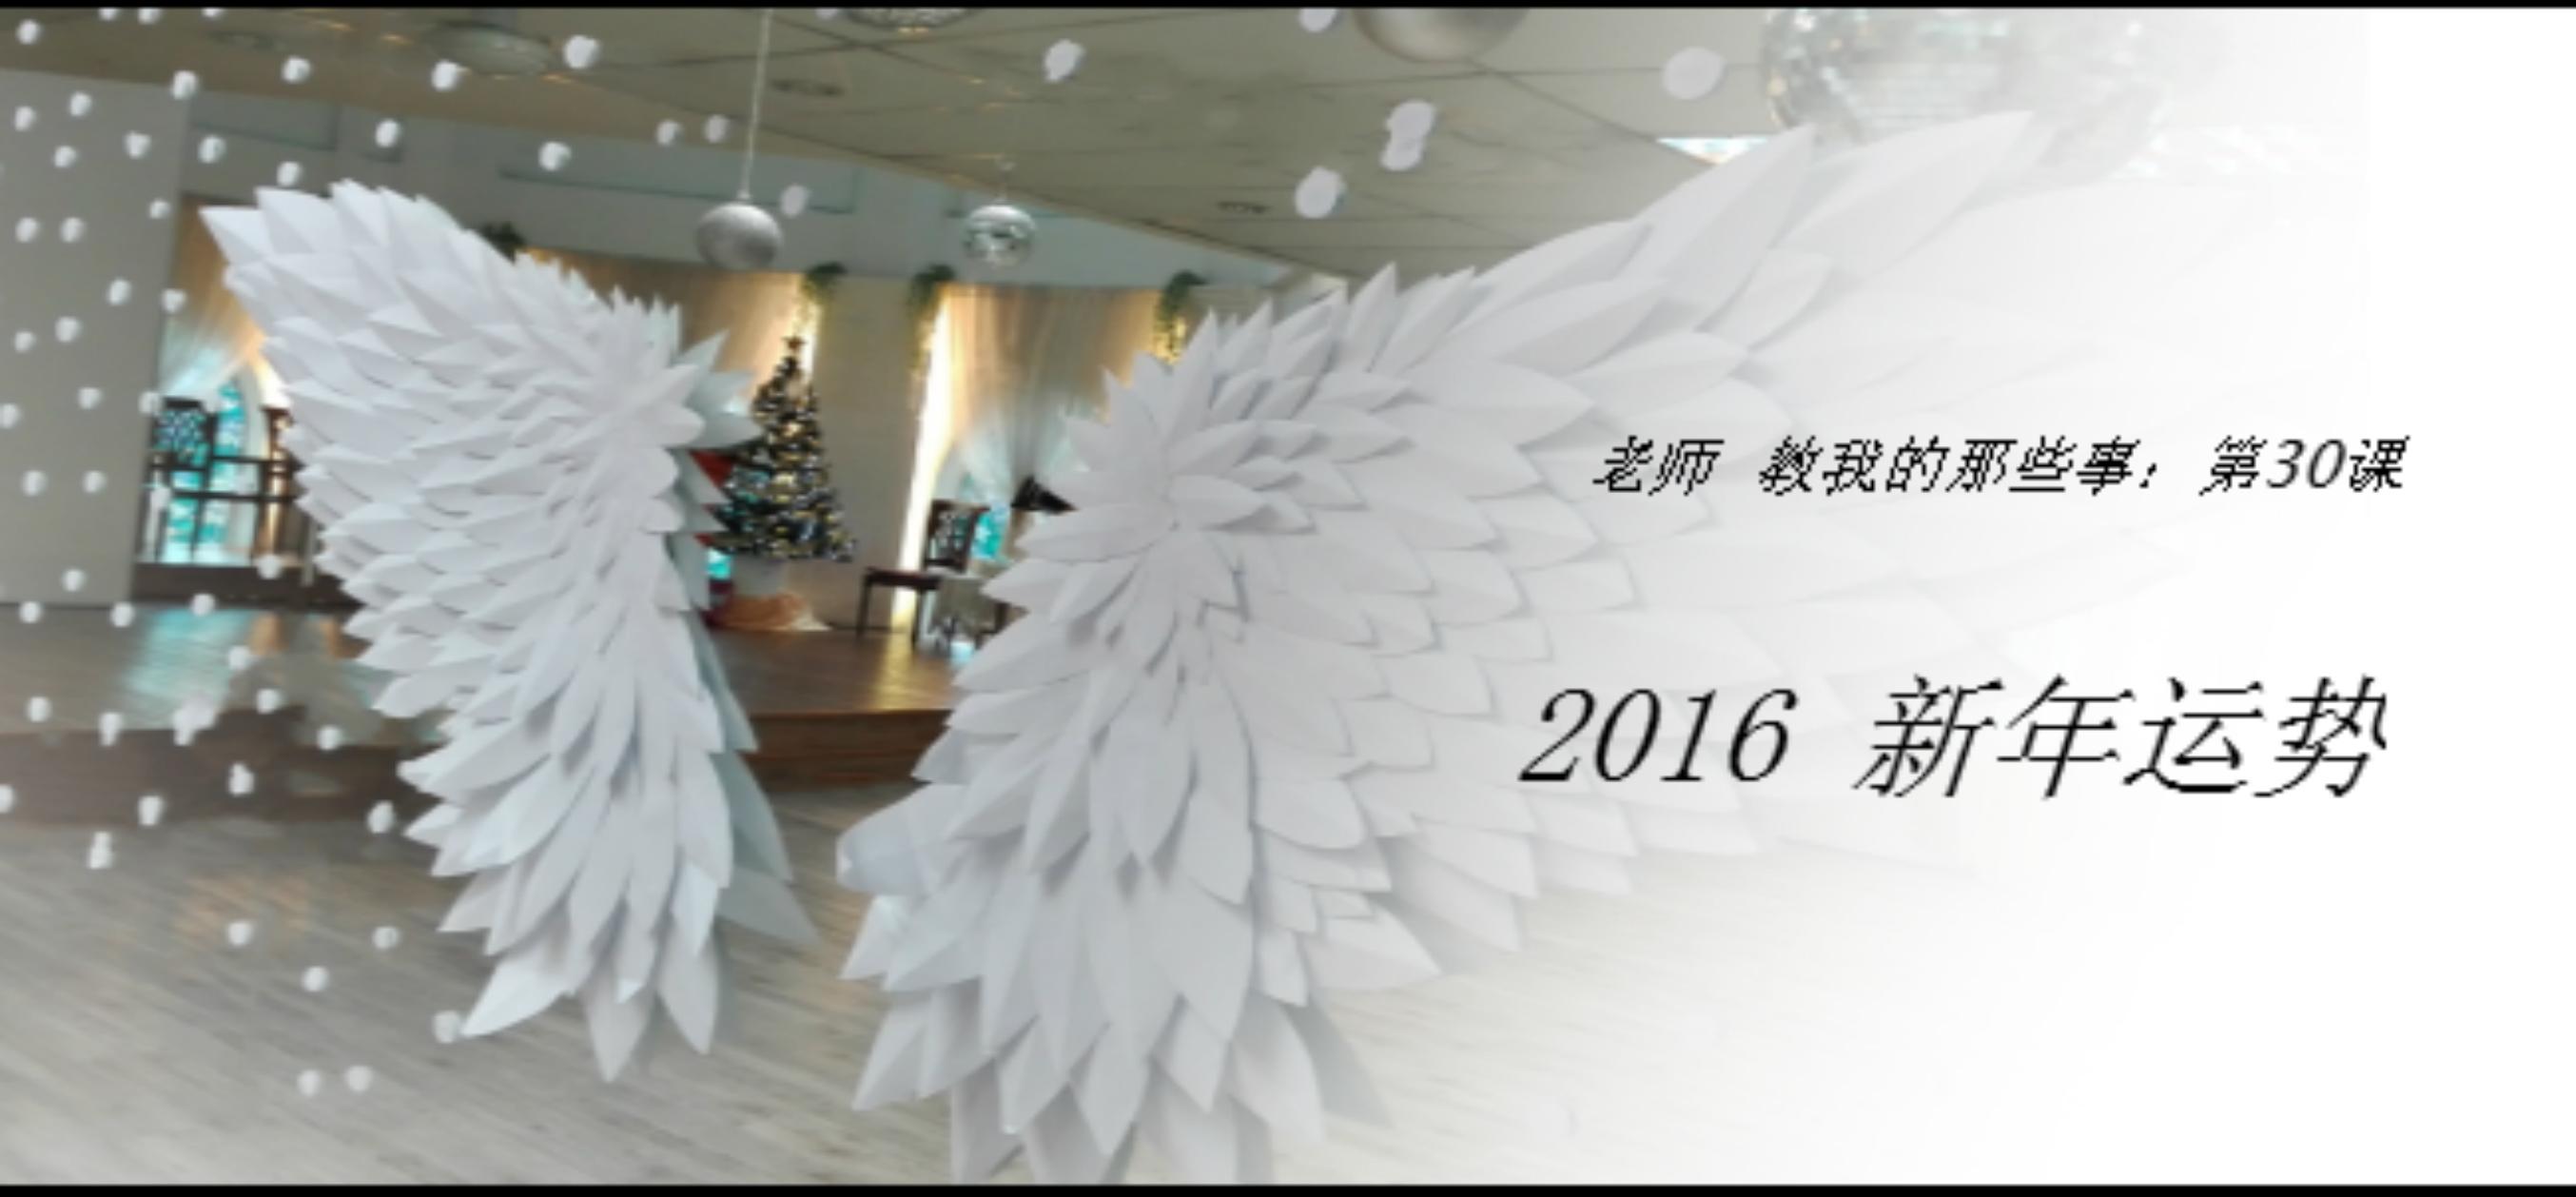 第30课 :2016 新年运势